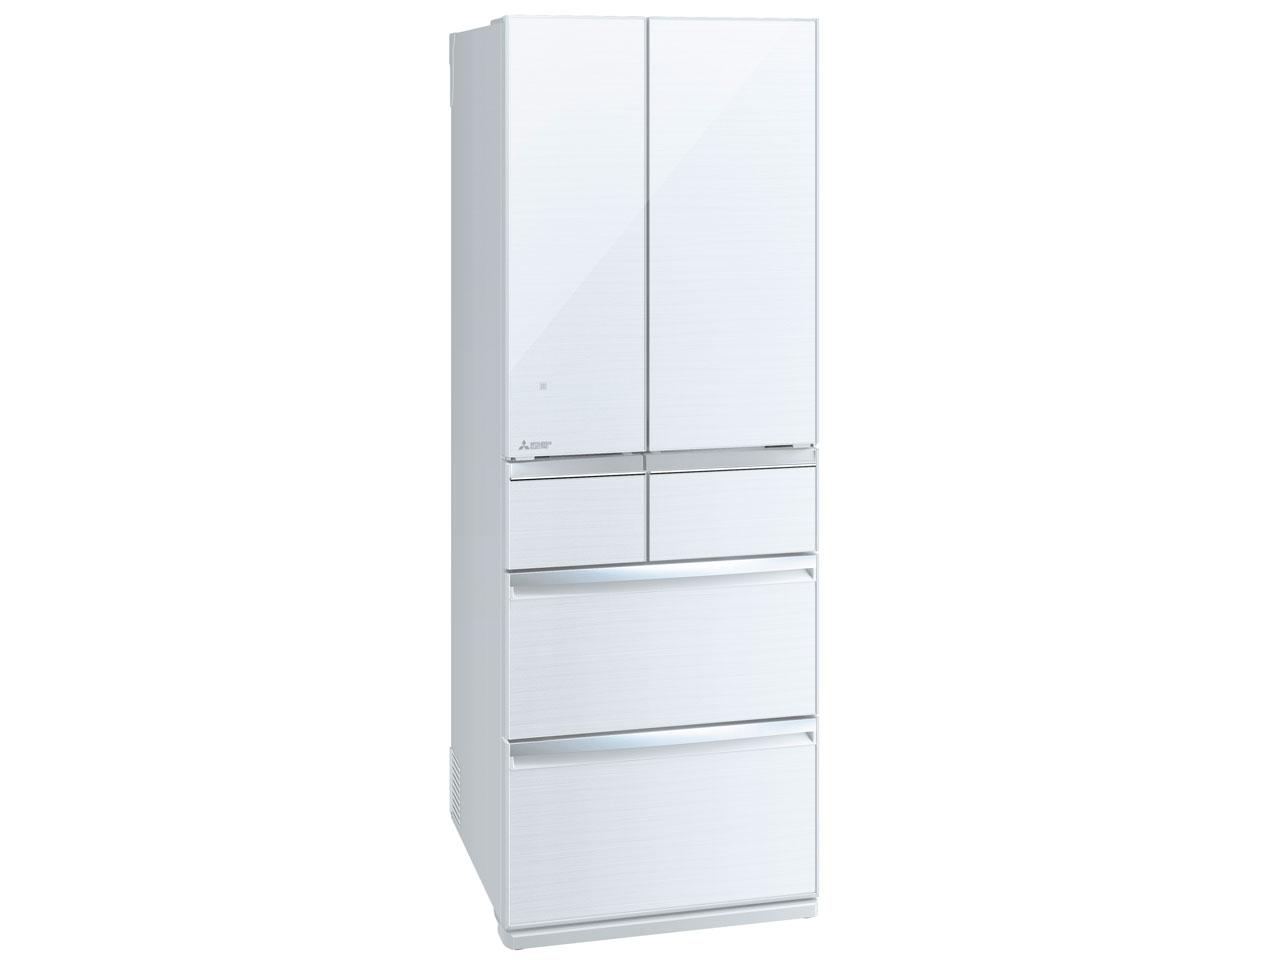 三菱 MITSUBISHI MR-WX52E-W 冷蔵庫 6ドア 517L ガラスドア クリスタルホワイト 【設置込み】【 関東送料無料】 ファミリー カップル 新婚【人気】【売れ筋】